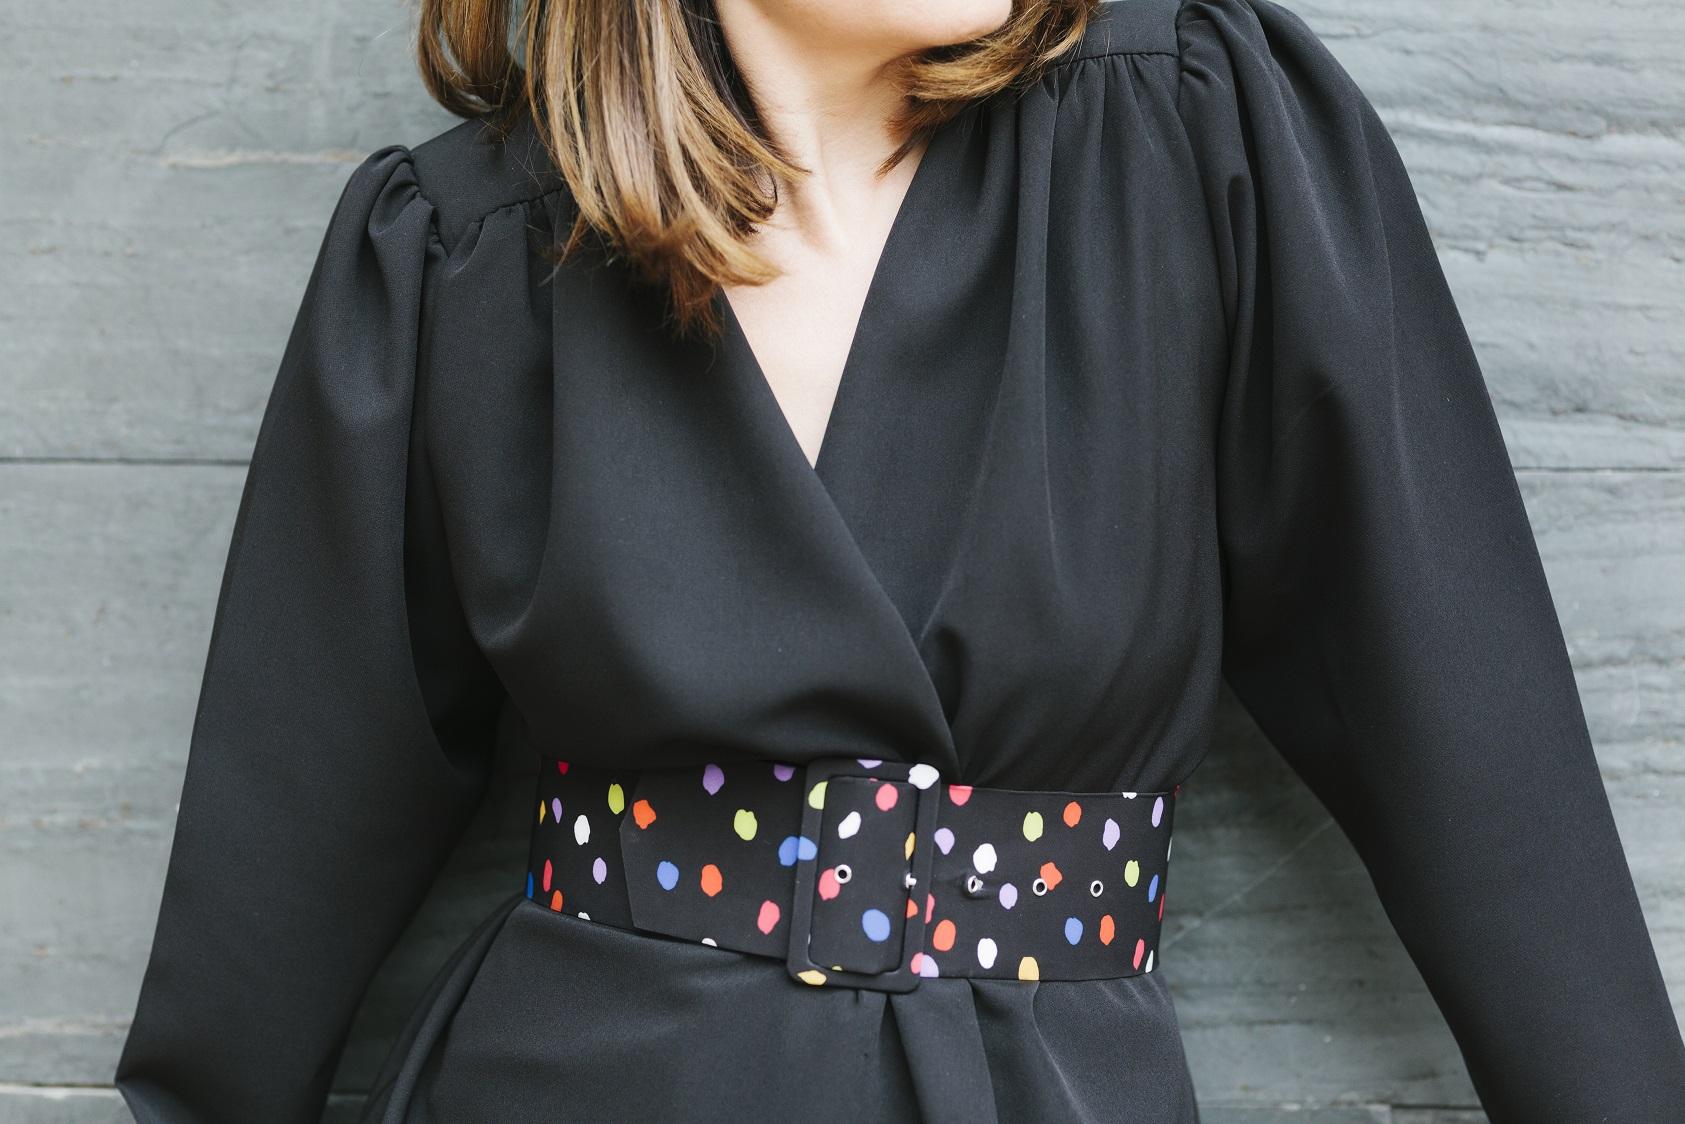 Traje de chaqueta en negro y un toque de color